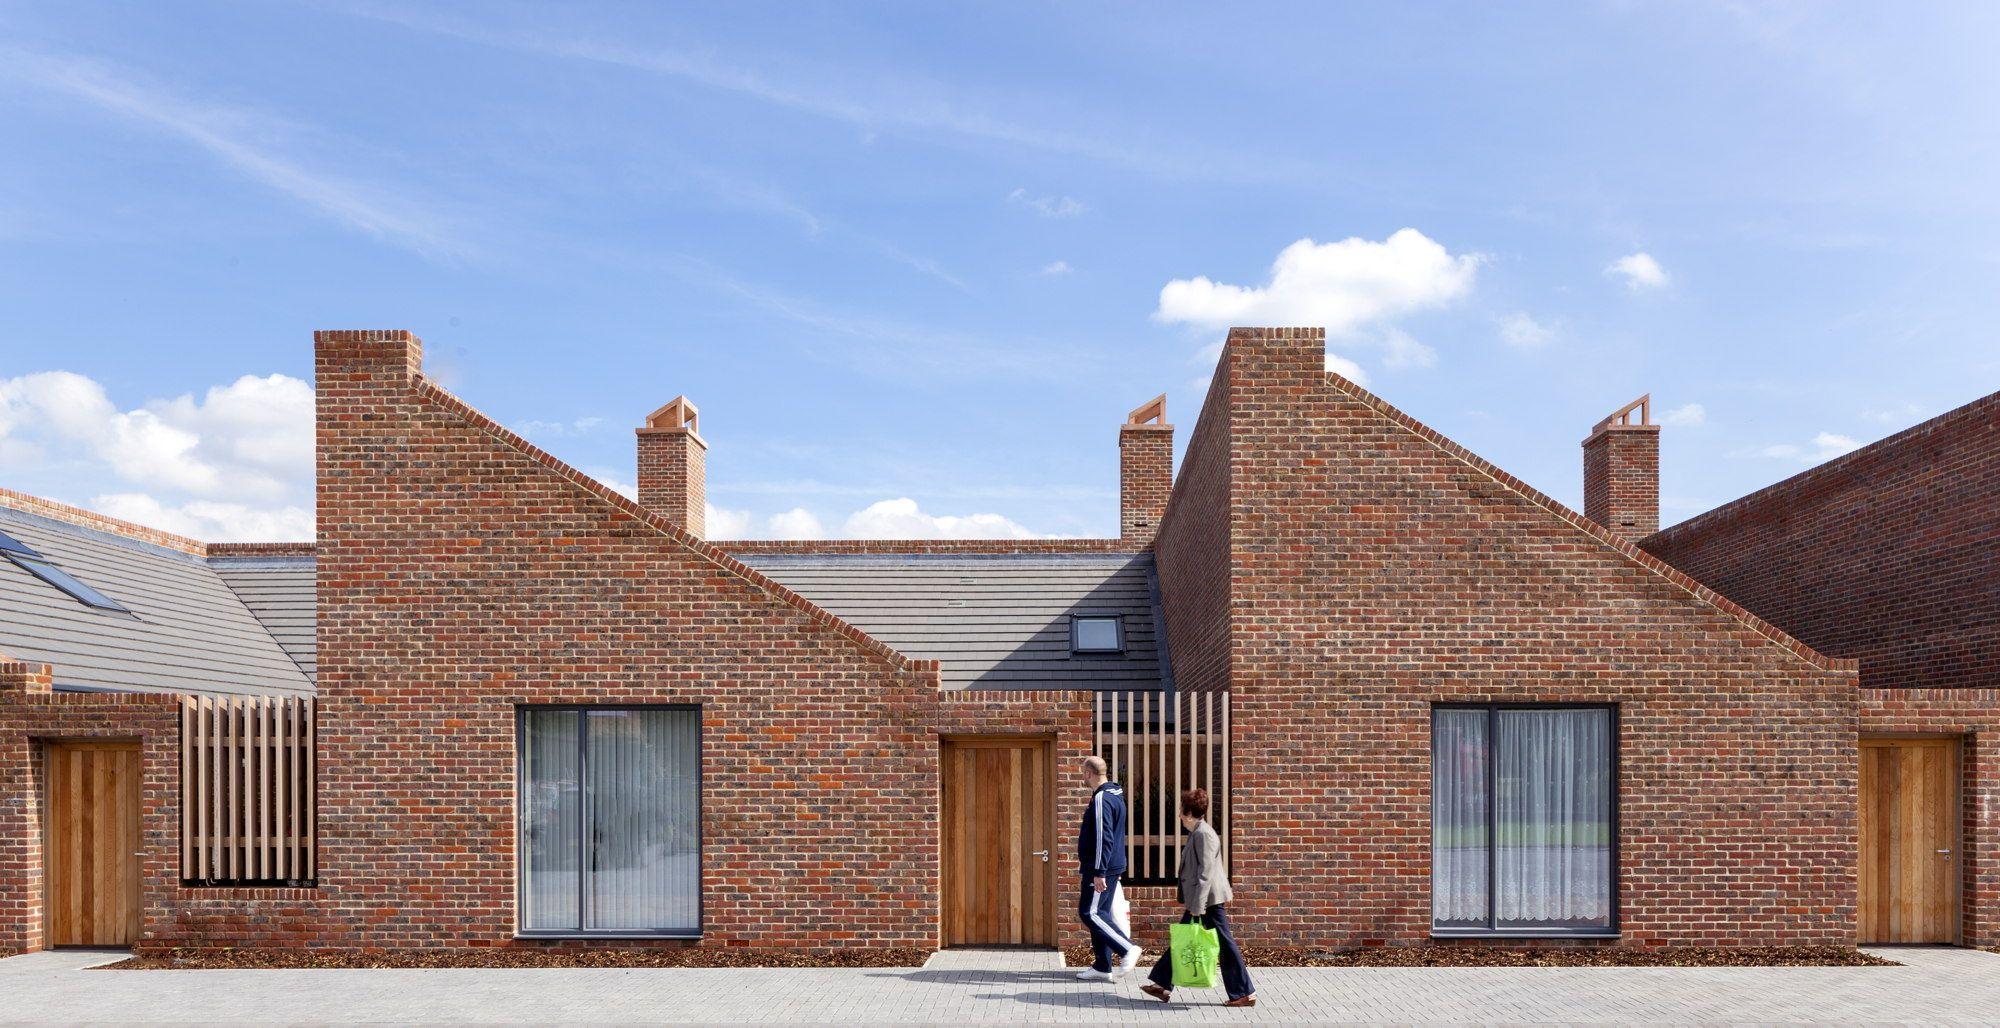 Spießig Englisch mit backstein und kamin englische mini reihenhäuser architekten